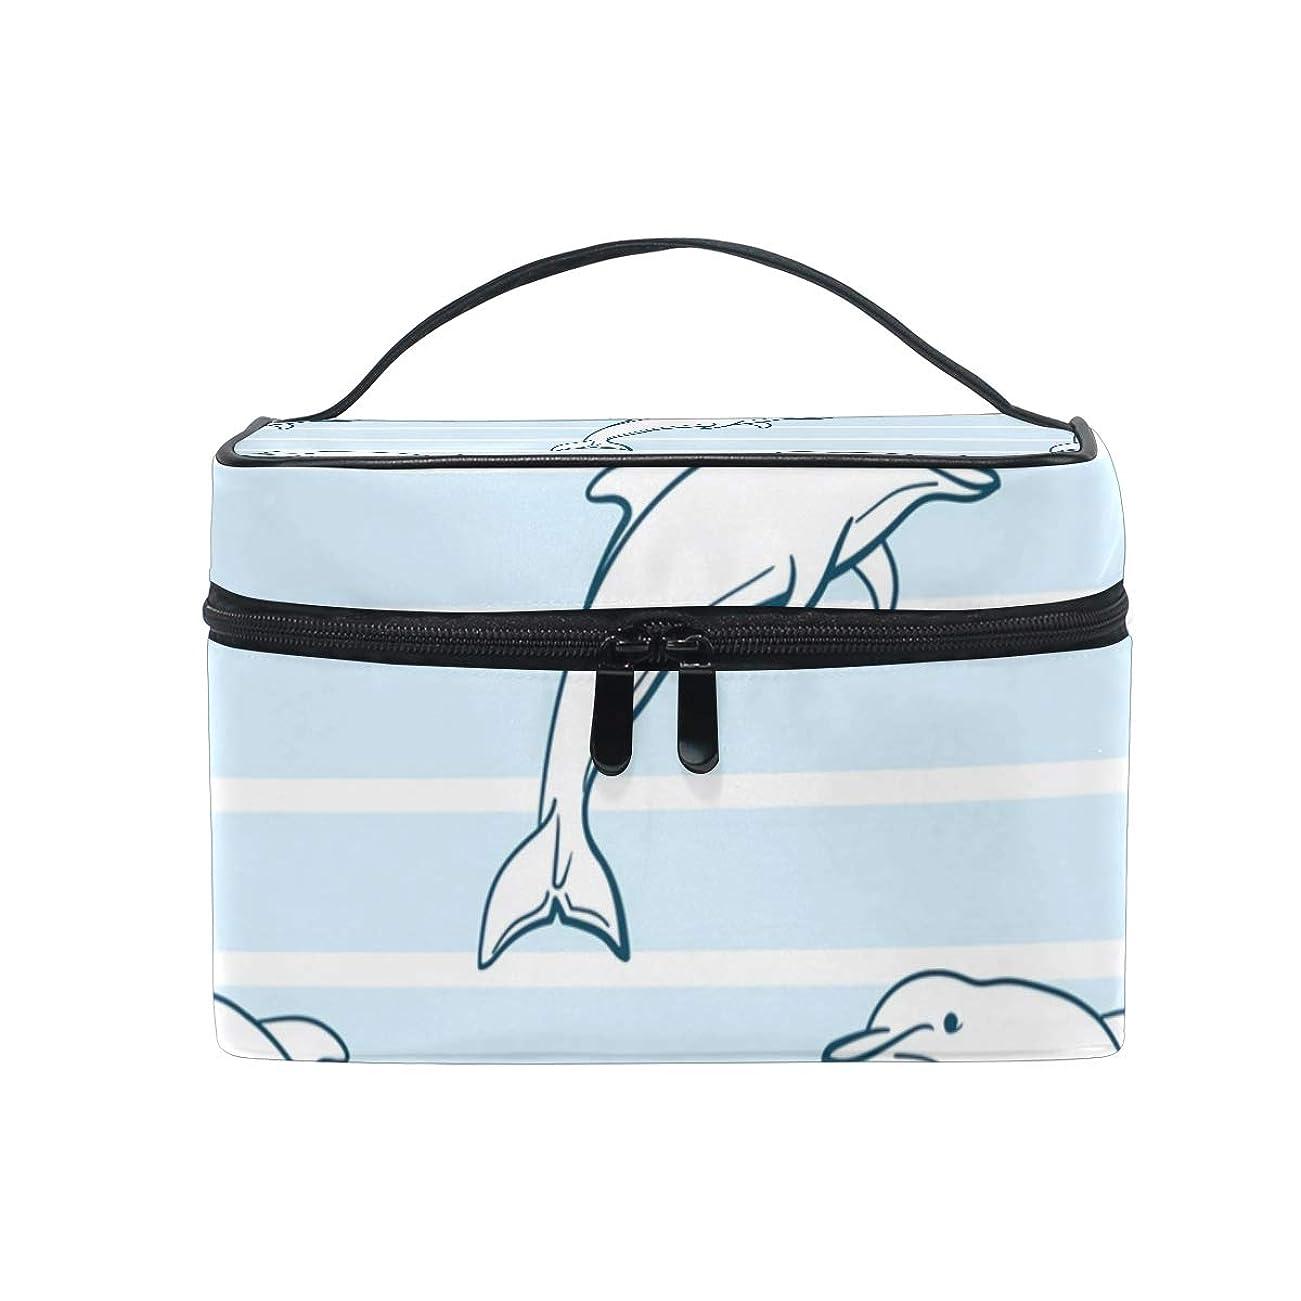 バングスパイ意見メイクボックス イルカ海柄 化粧ポーチ 化粧品 化粧道具 小物入れ メイクブラシバッグ 大容量 旅行用 収納ケース